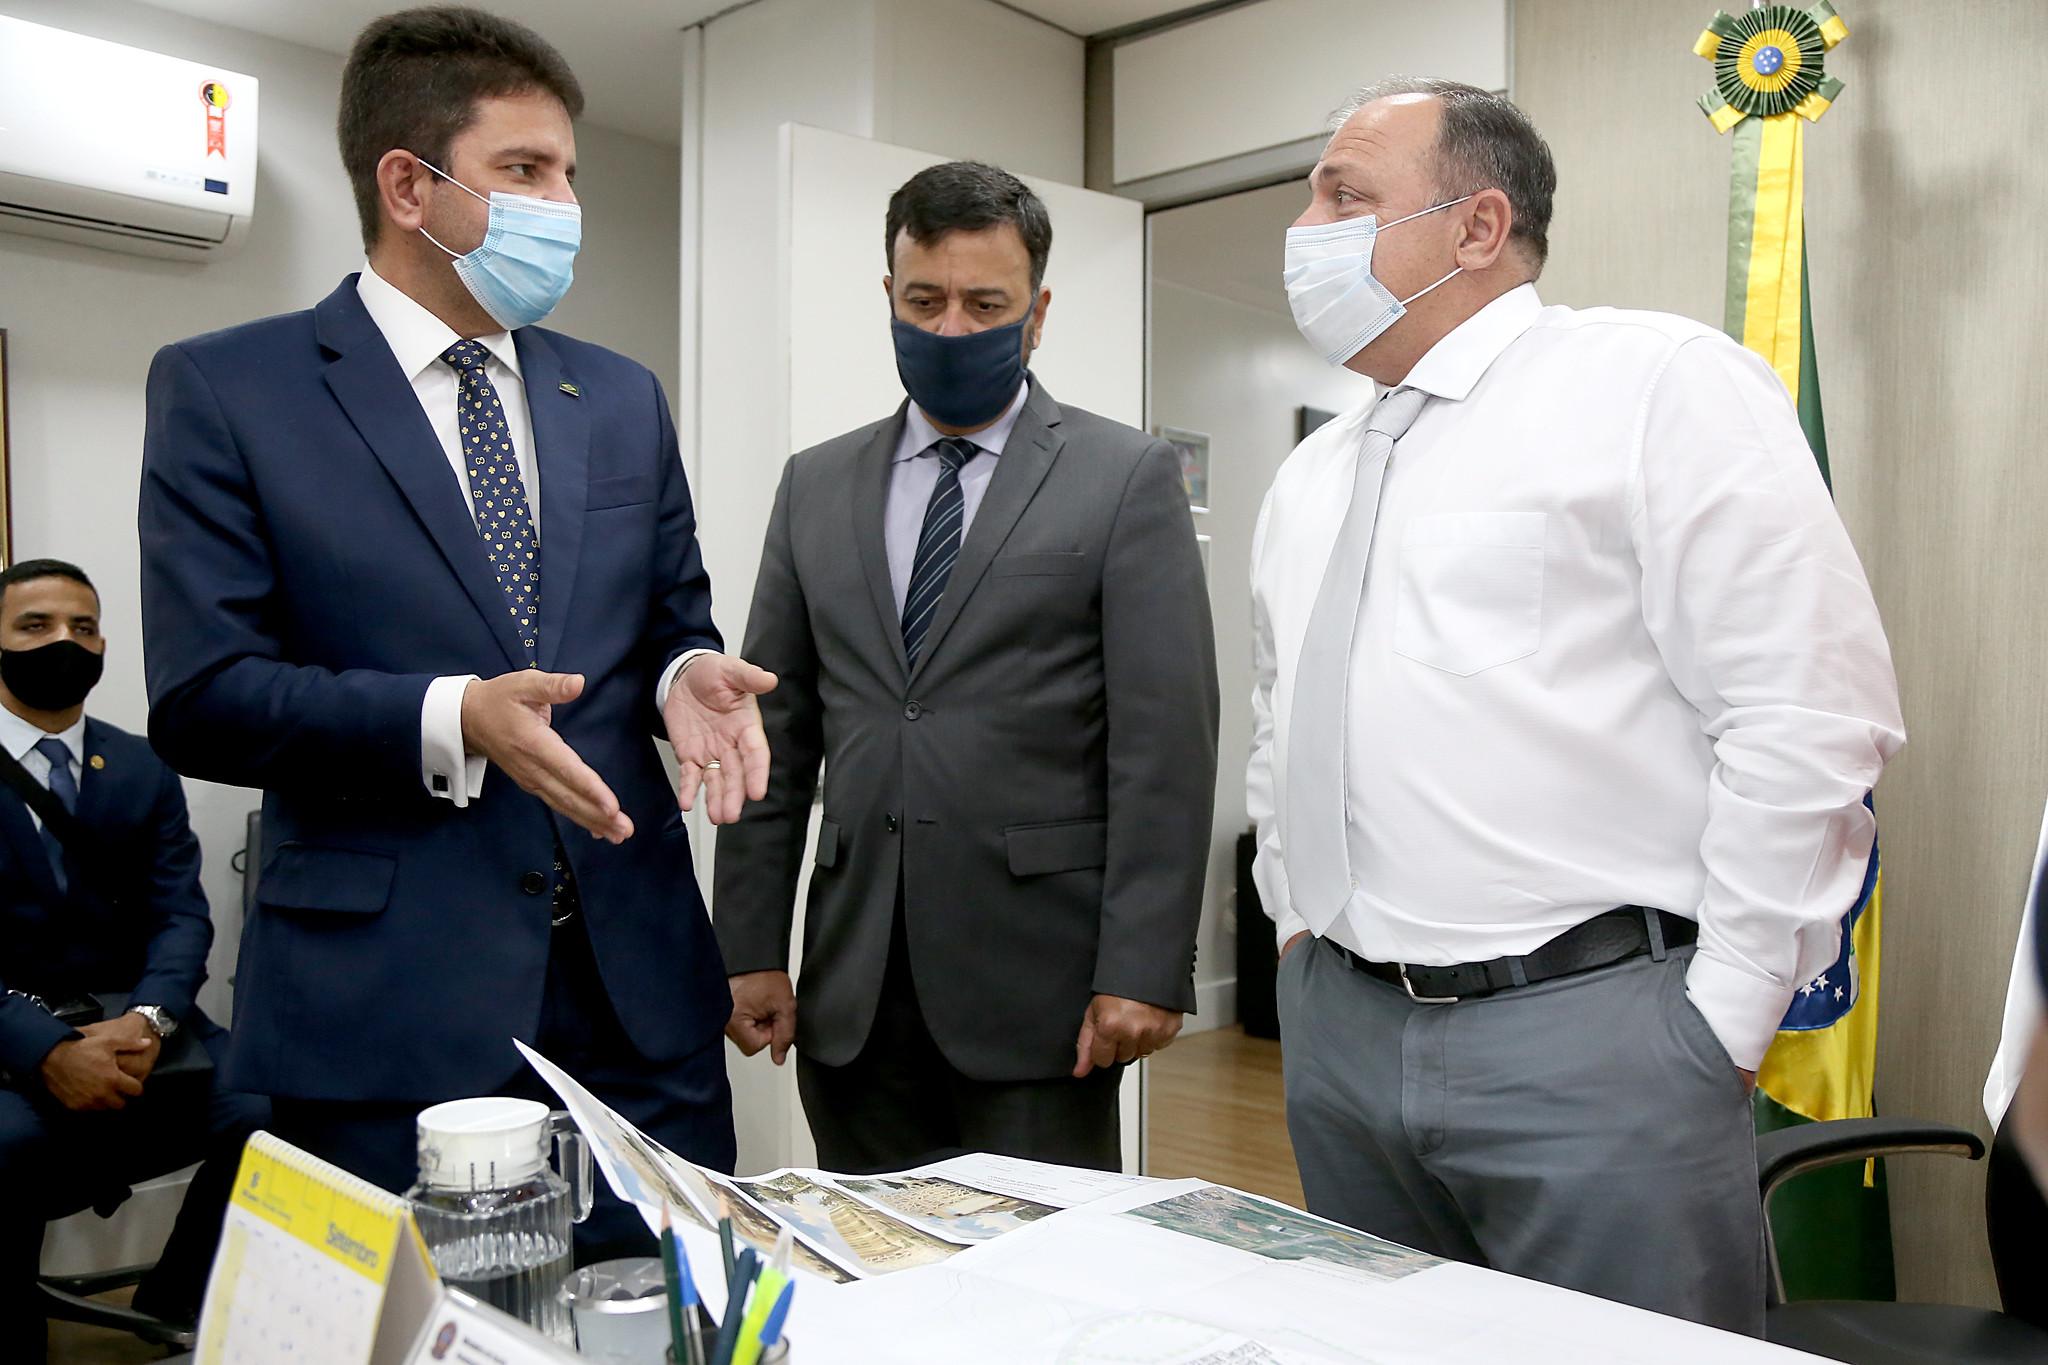 Gladson Cameli recebe sinal positivo de ministro da Saúde para construir maternidade